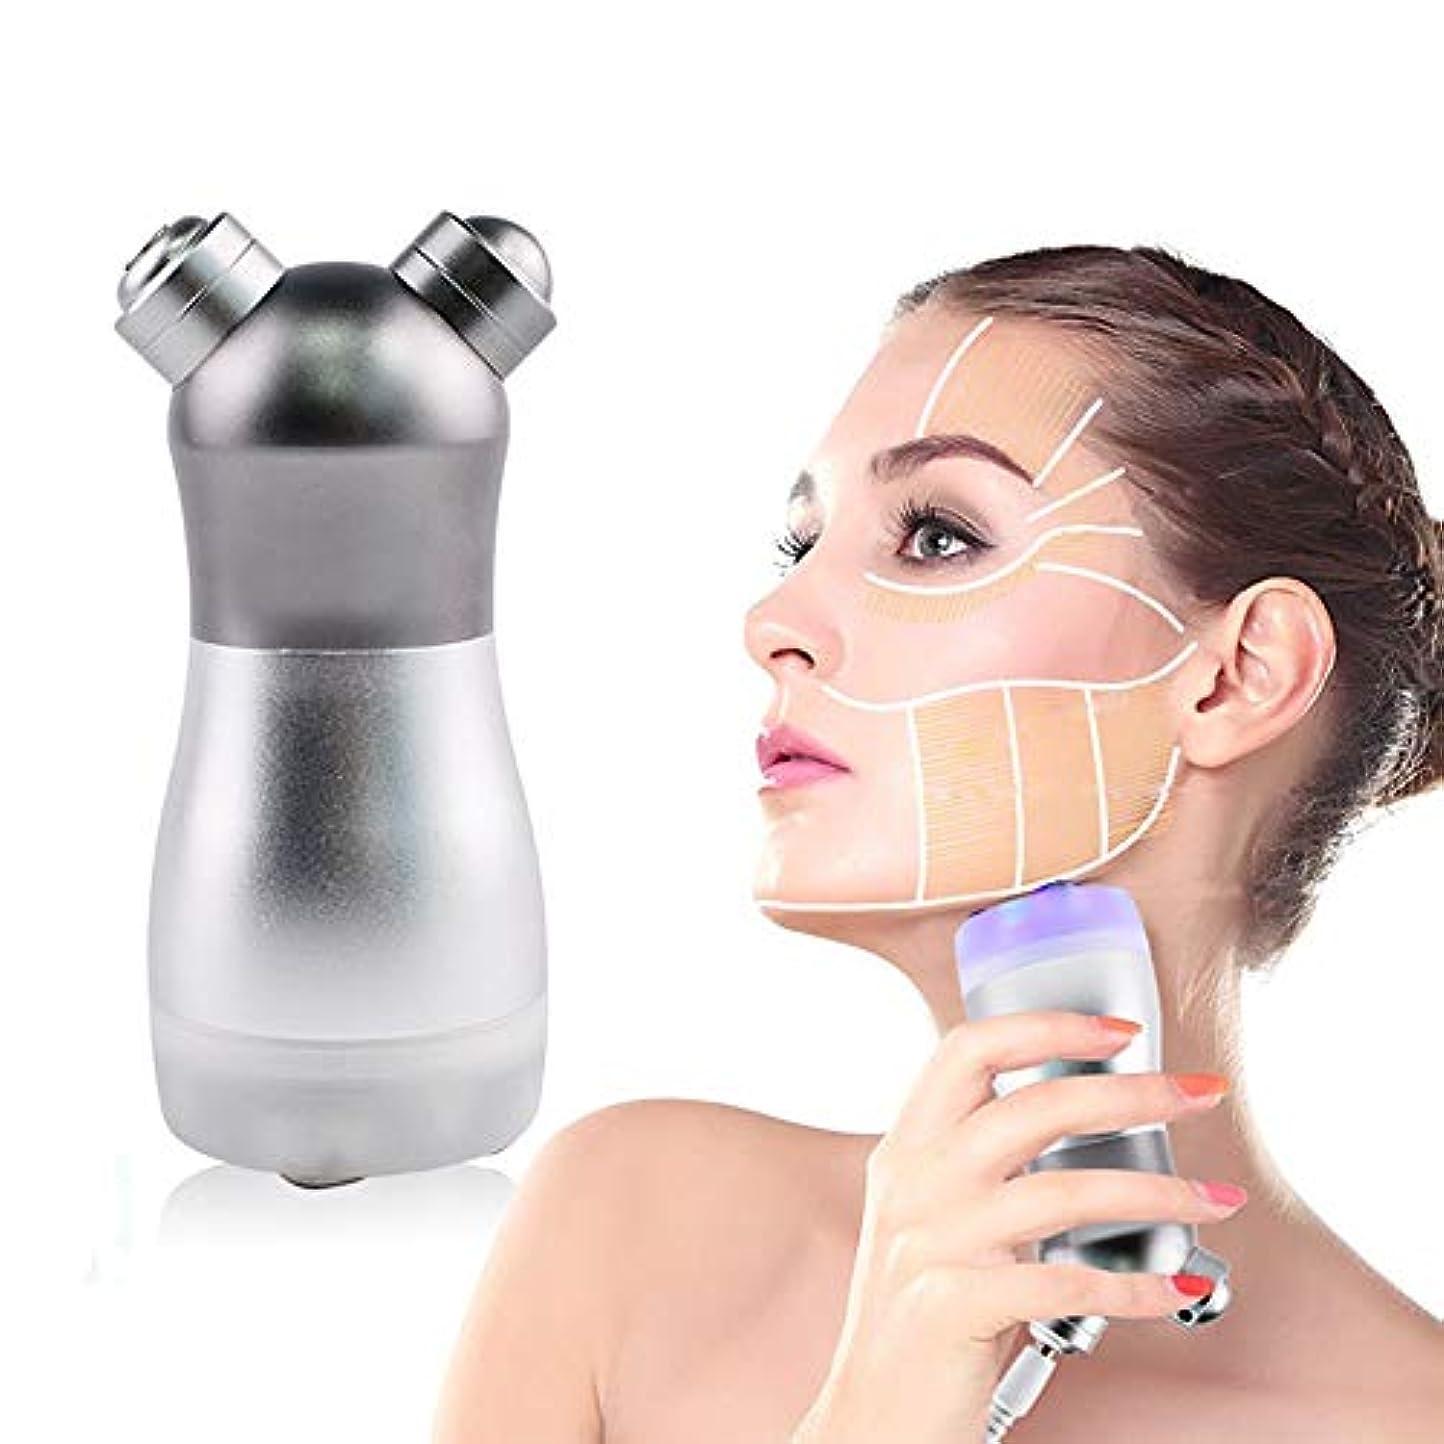 エネルギークルー発表するポータブル光子リンクルホーム用の肌の若返りのための除去フェイスリフトデバイス&ドットマトリクスTonningデバイス?フェイシャルアンチエイジング美容機器